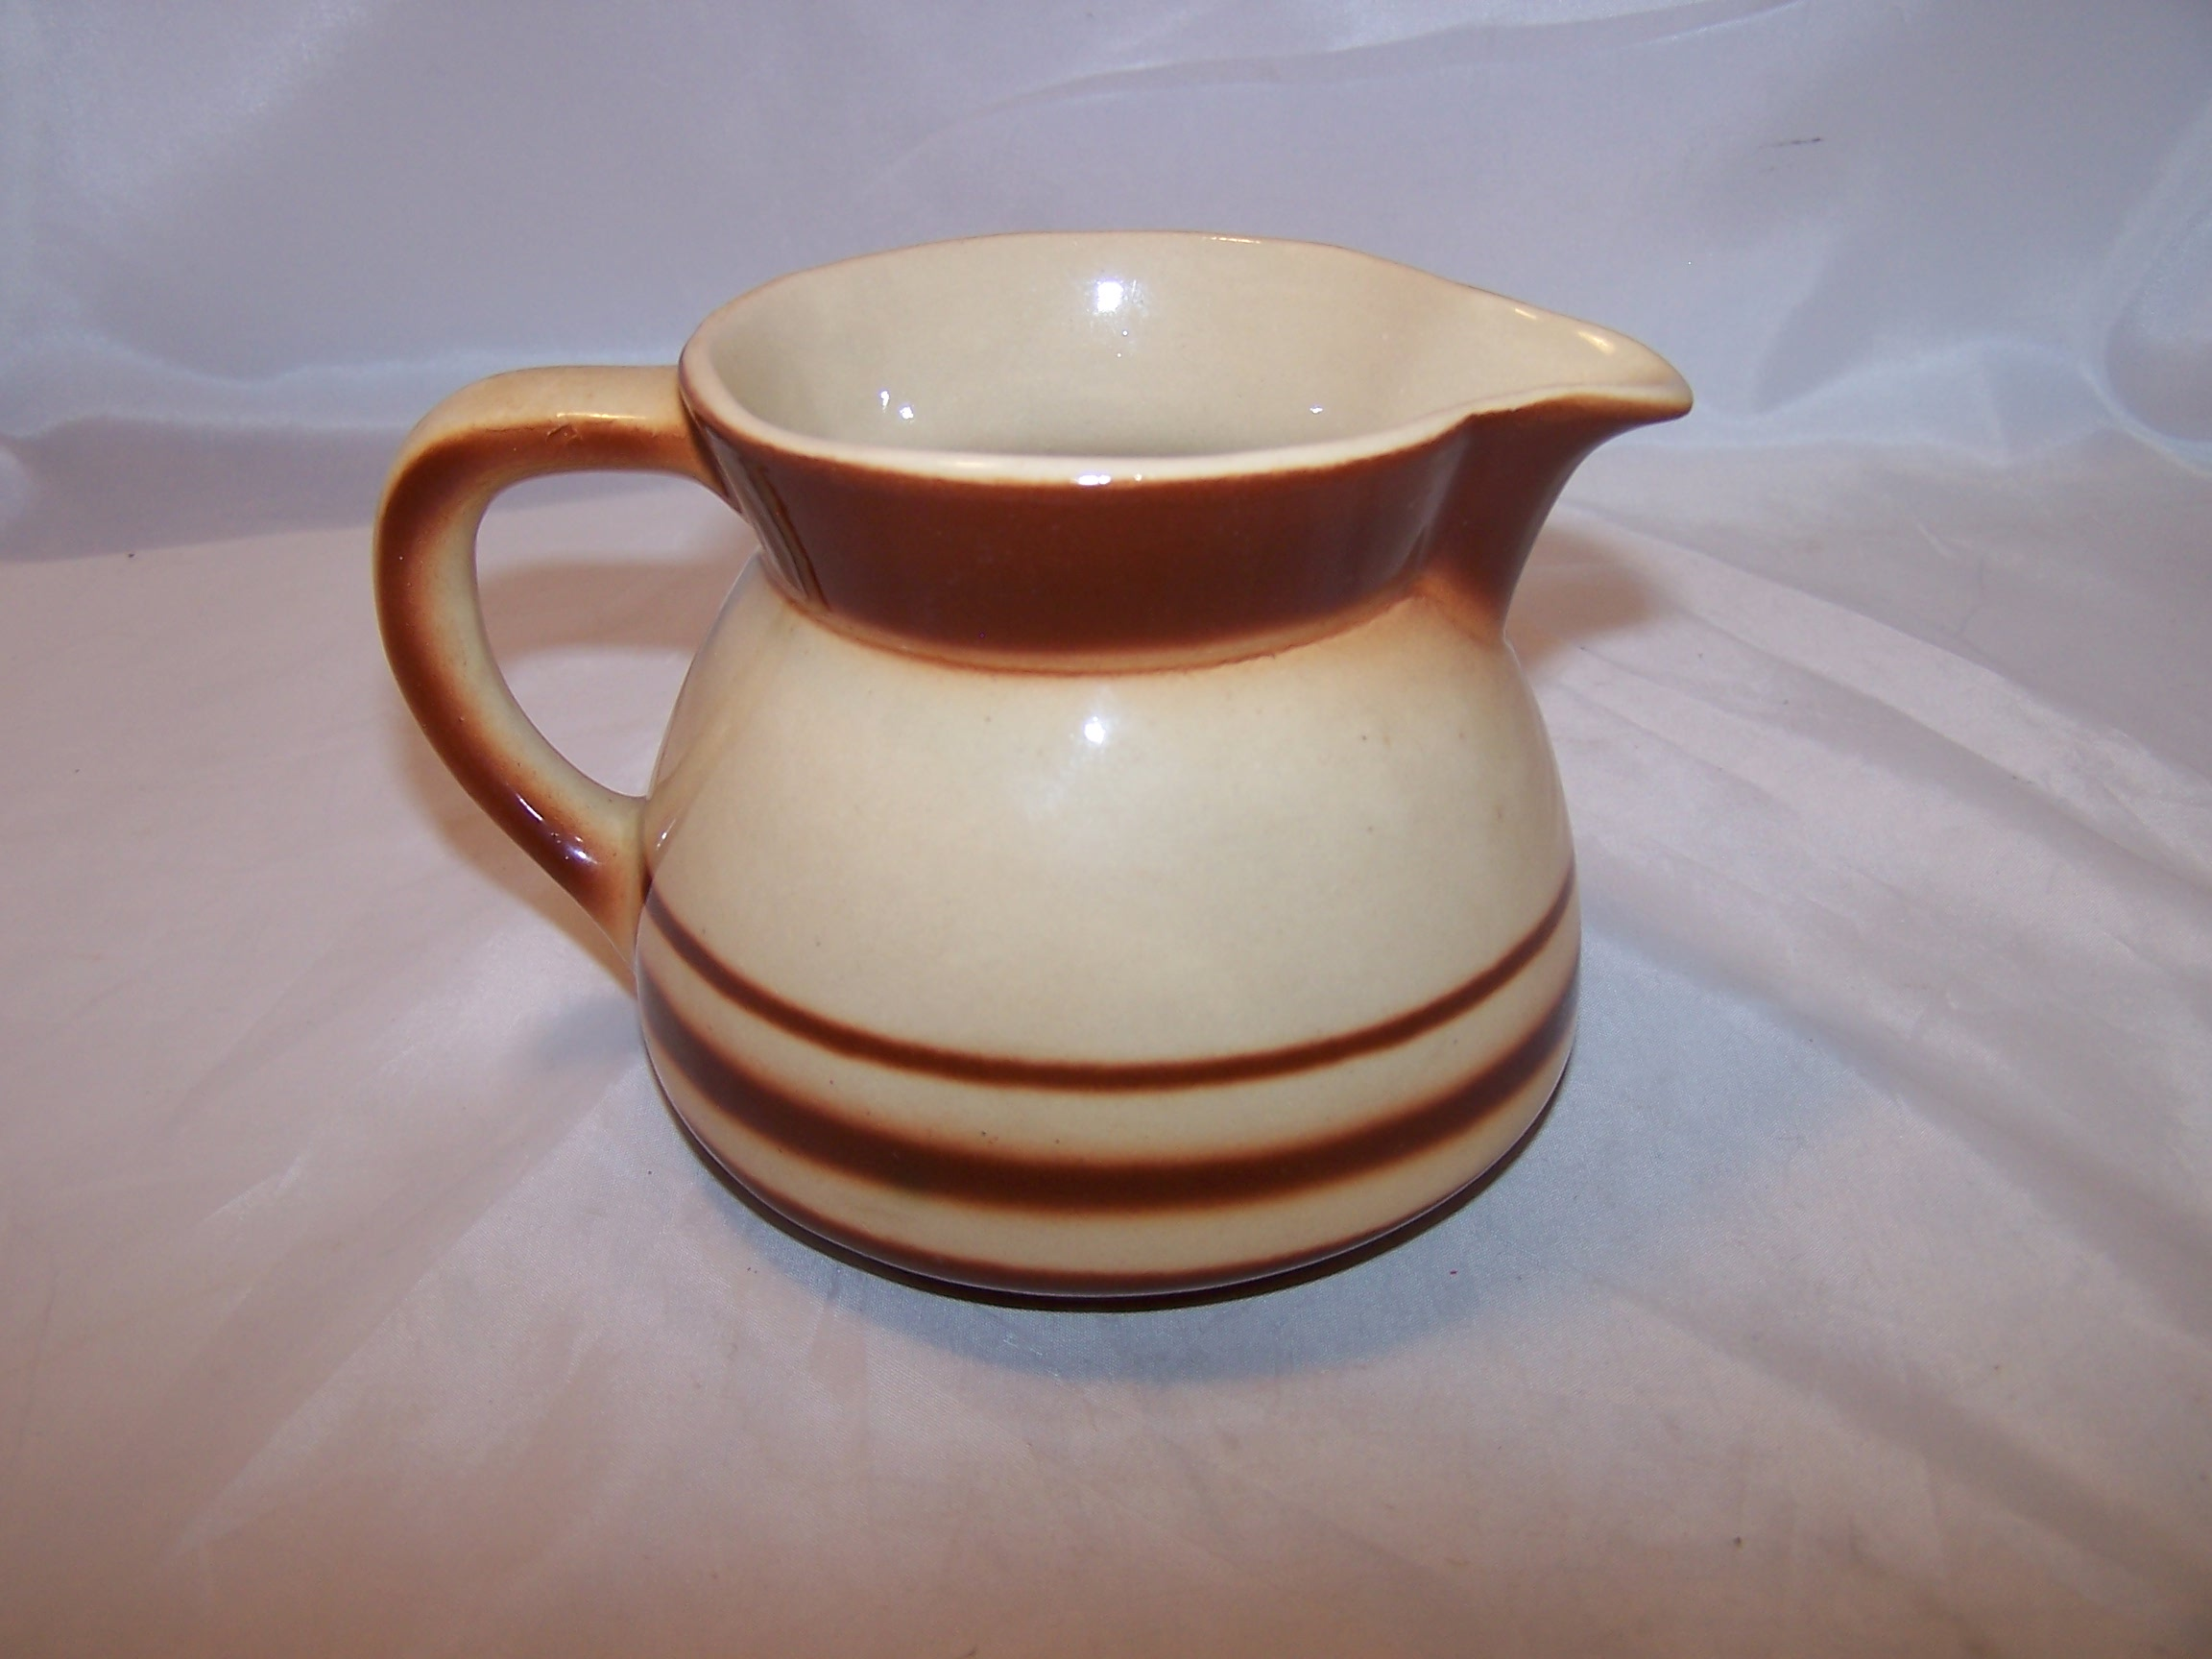 Bunzlauer Keramik Feuerfest Creamer, Brown, Polish Earthenware